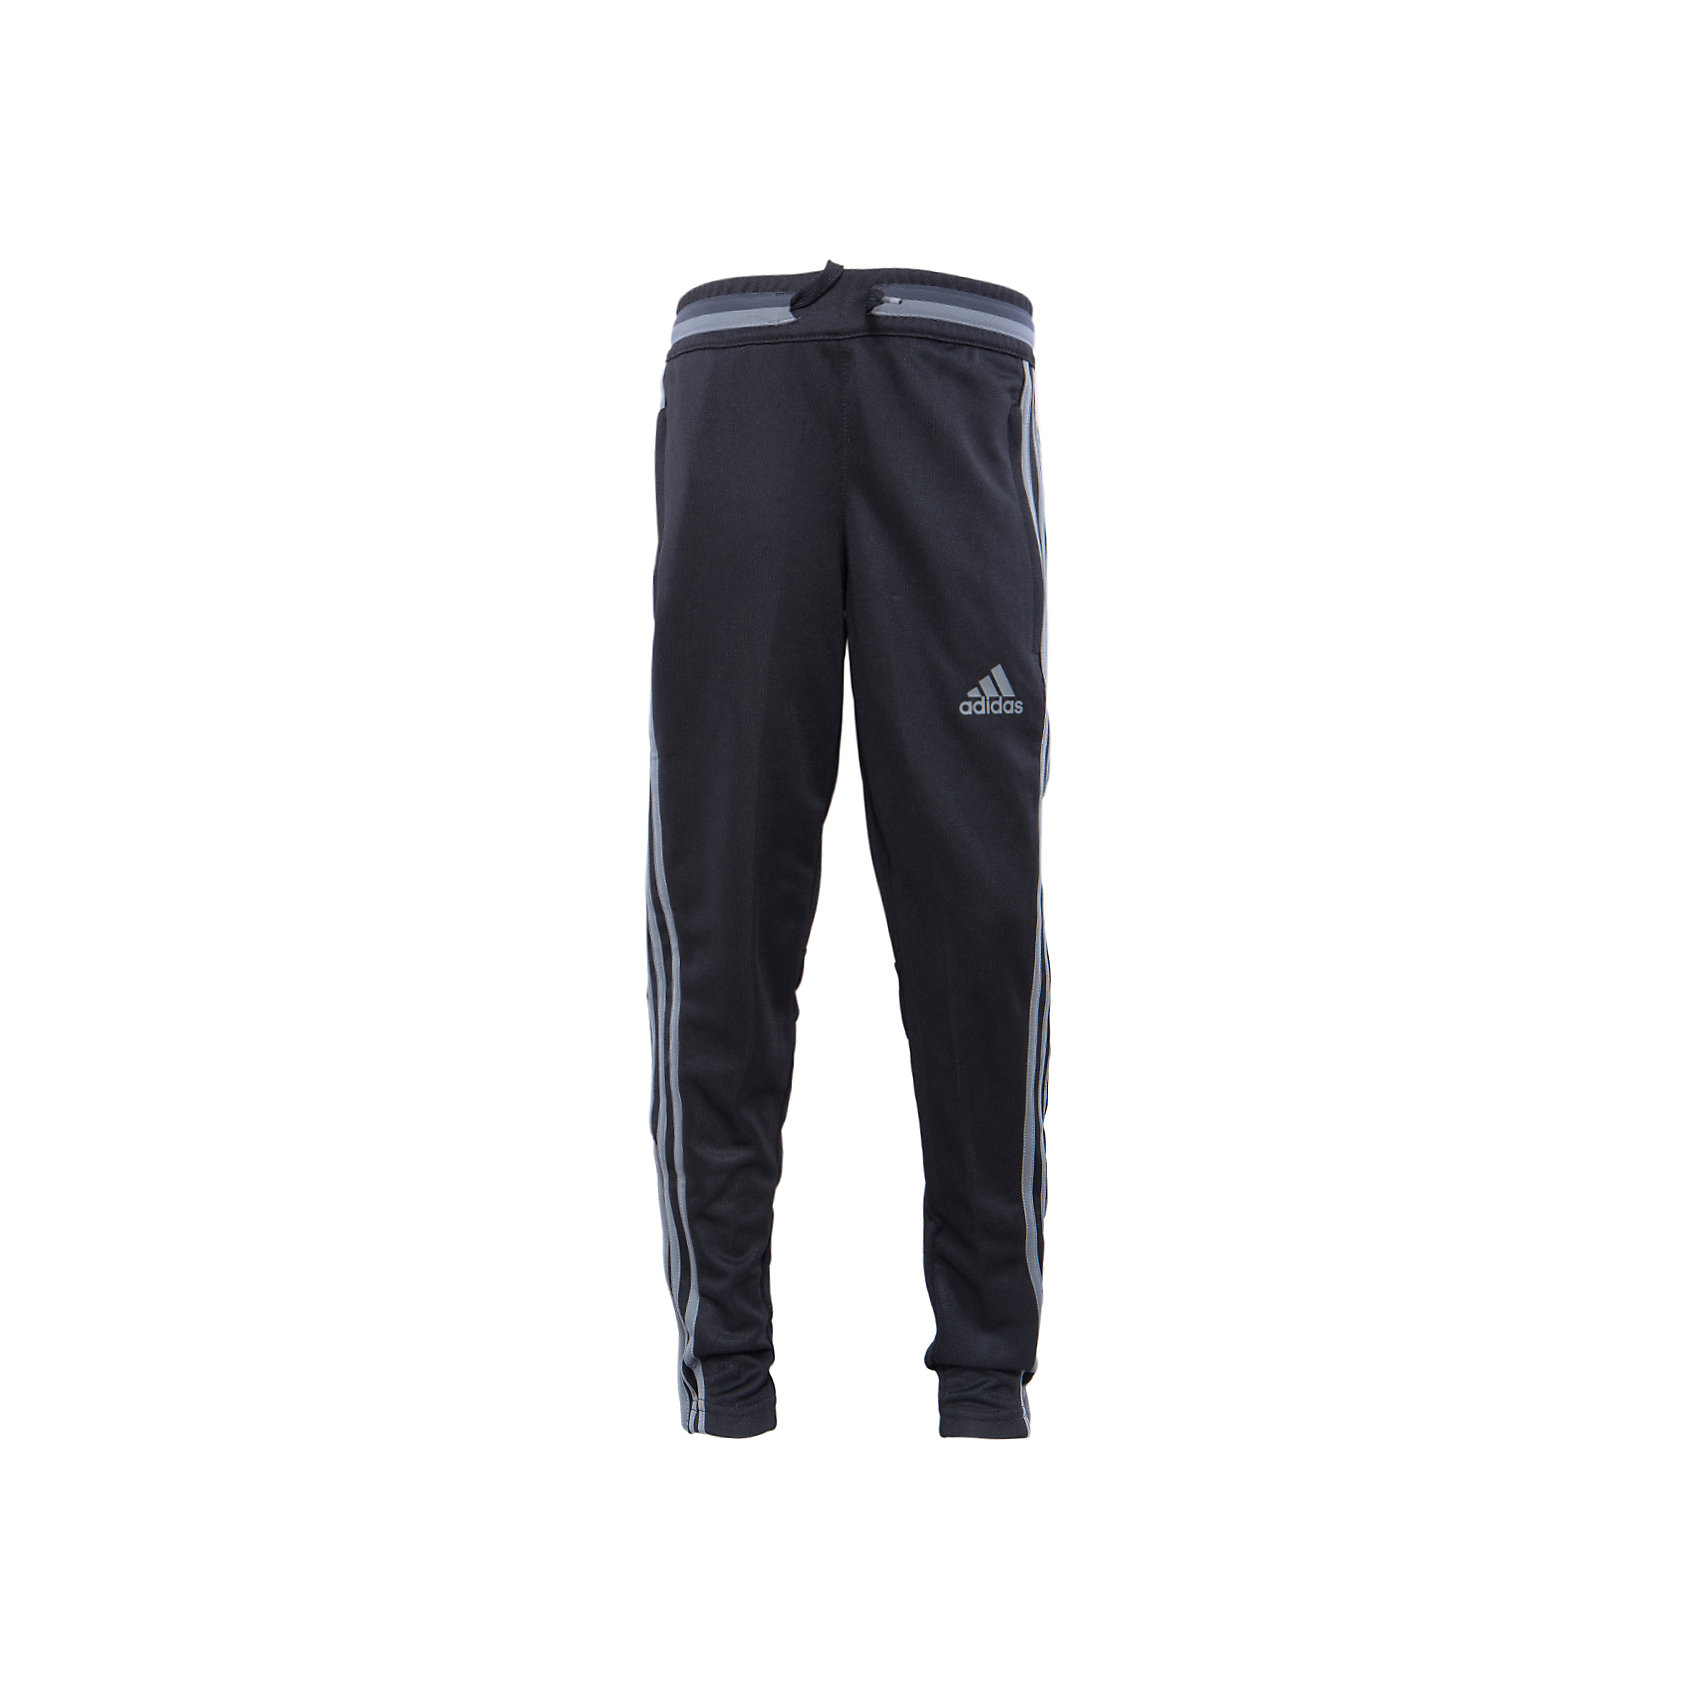 adidas Трикотажные брюки adidas адидас adidas клевер дома zhixiannv с узкие брюки повседневные движения в конце ao3165